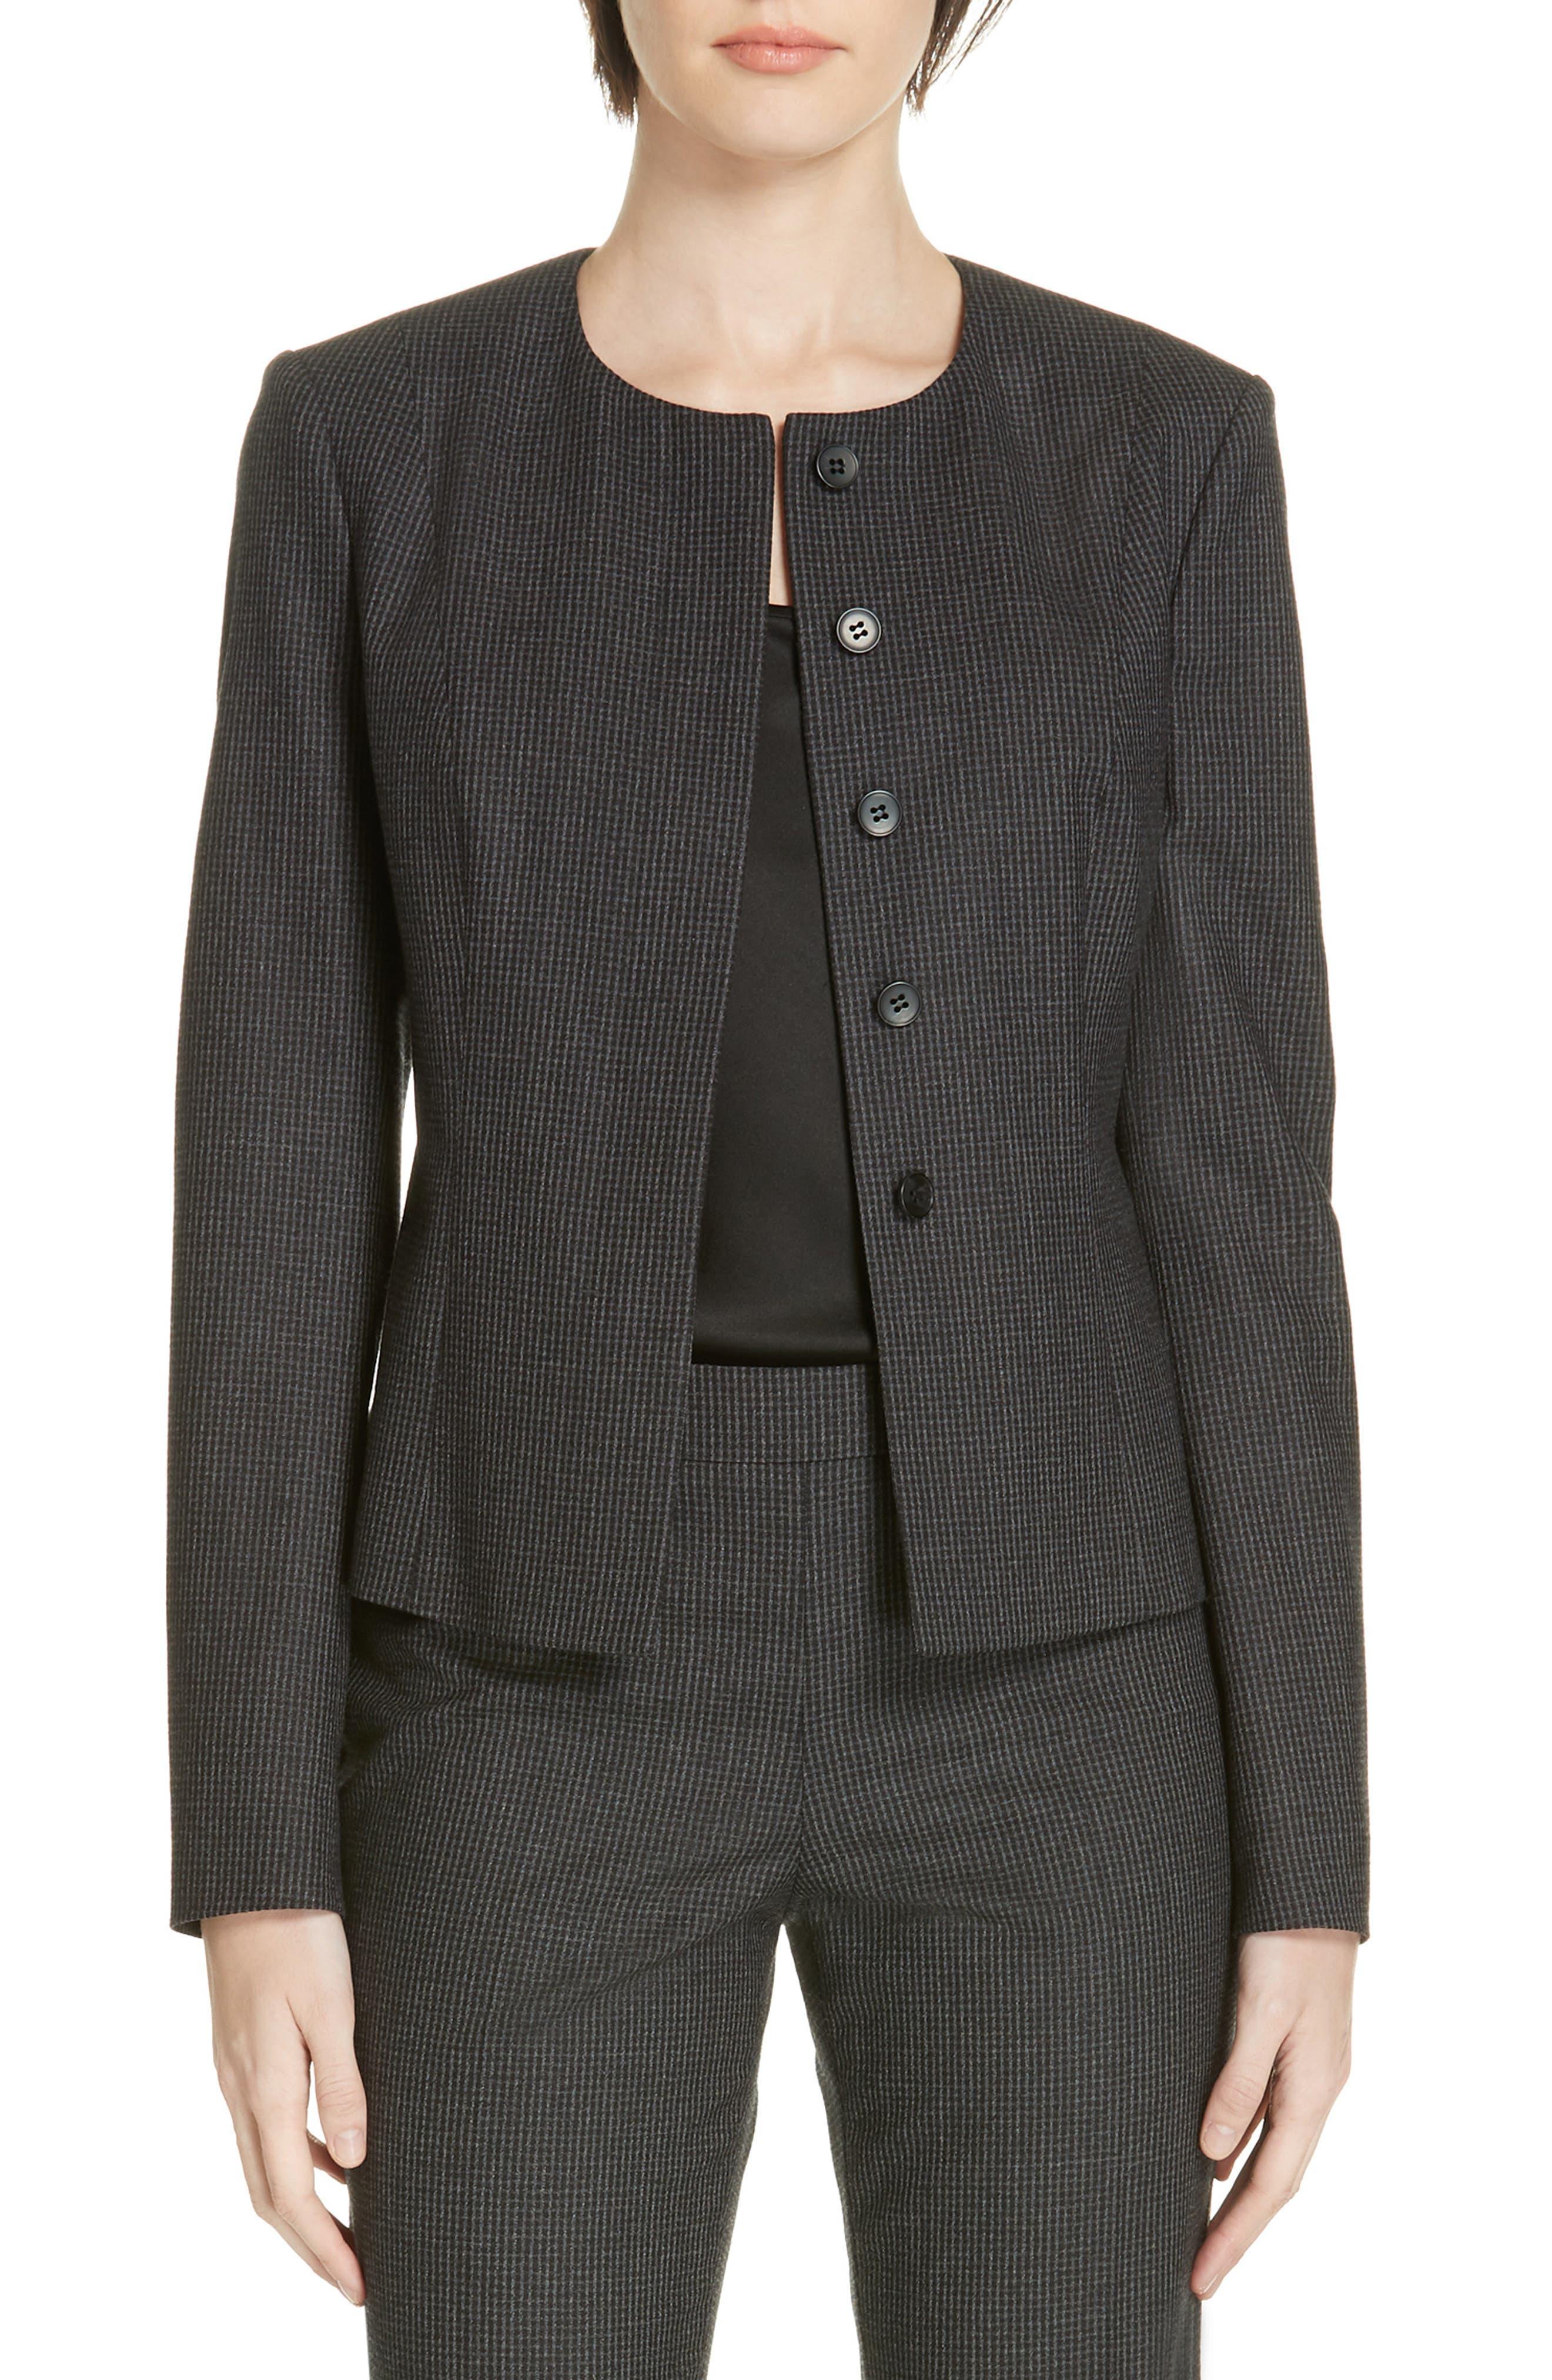 Javilla Wool Suit Jacket,                             Main thumbnail 1, color,                             CHARCOAL FANTASY